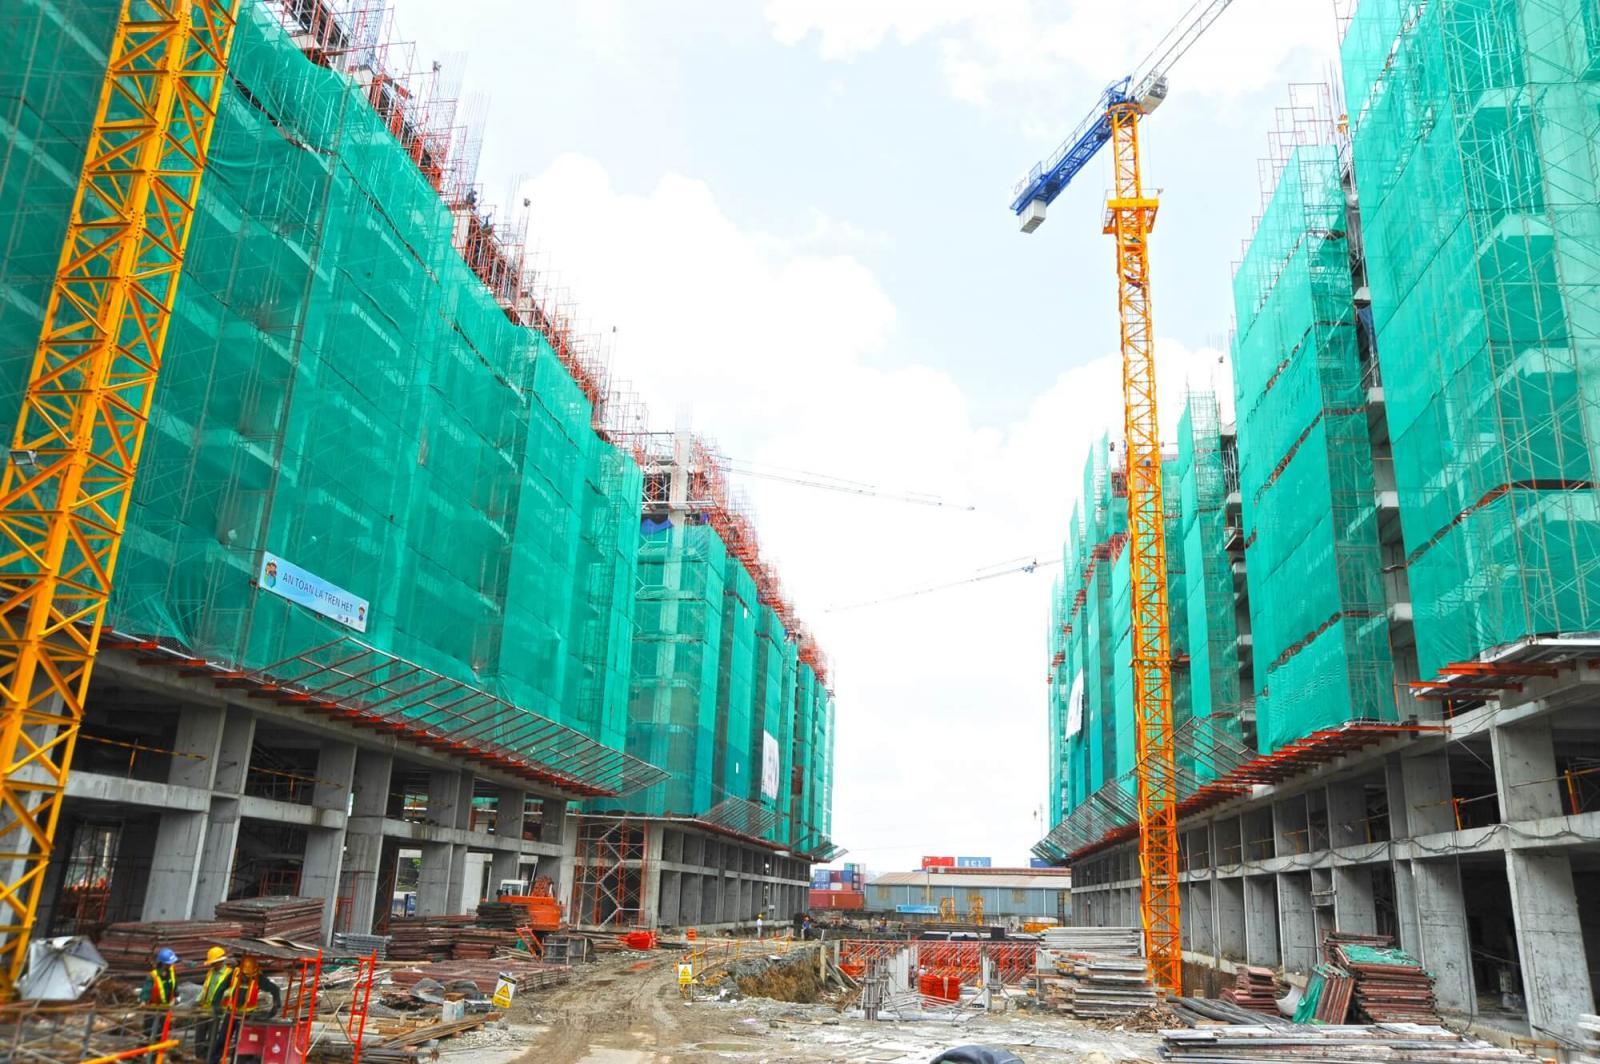 chung cư đang xây dựng dở